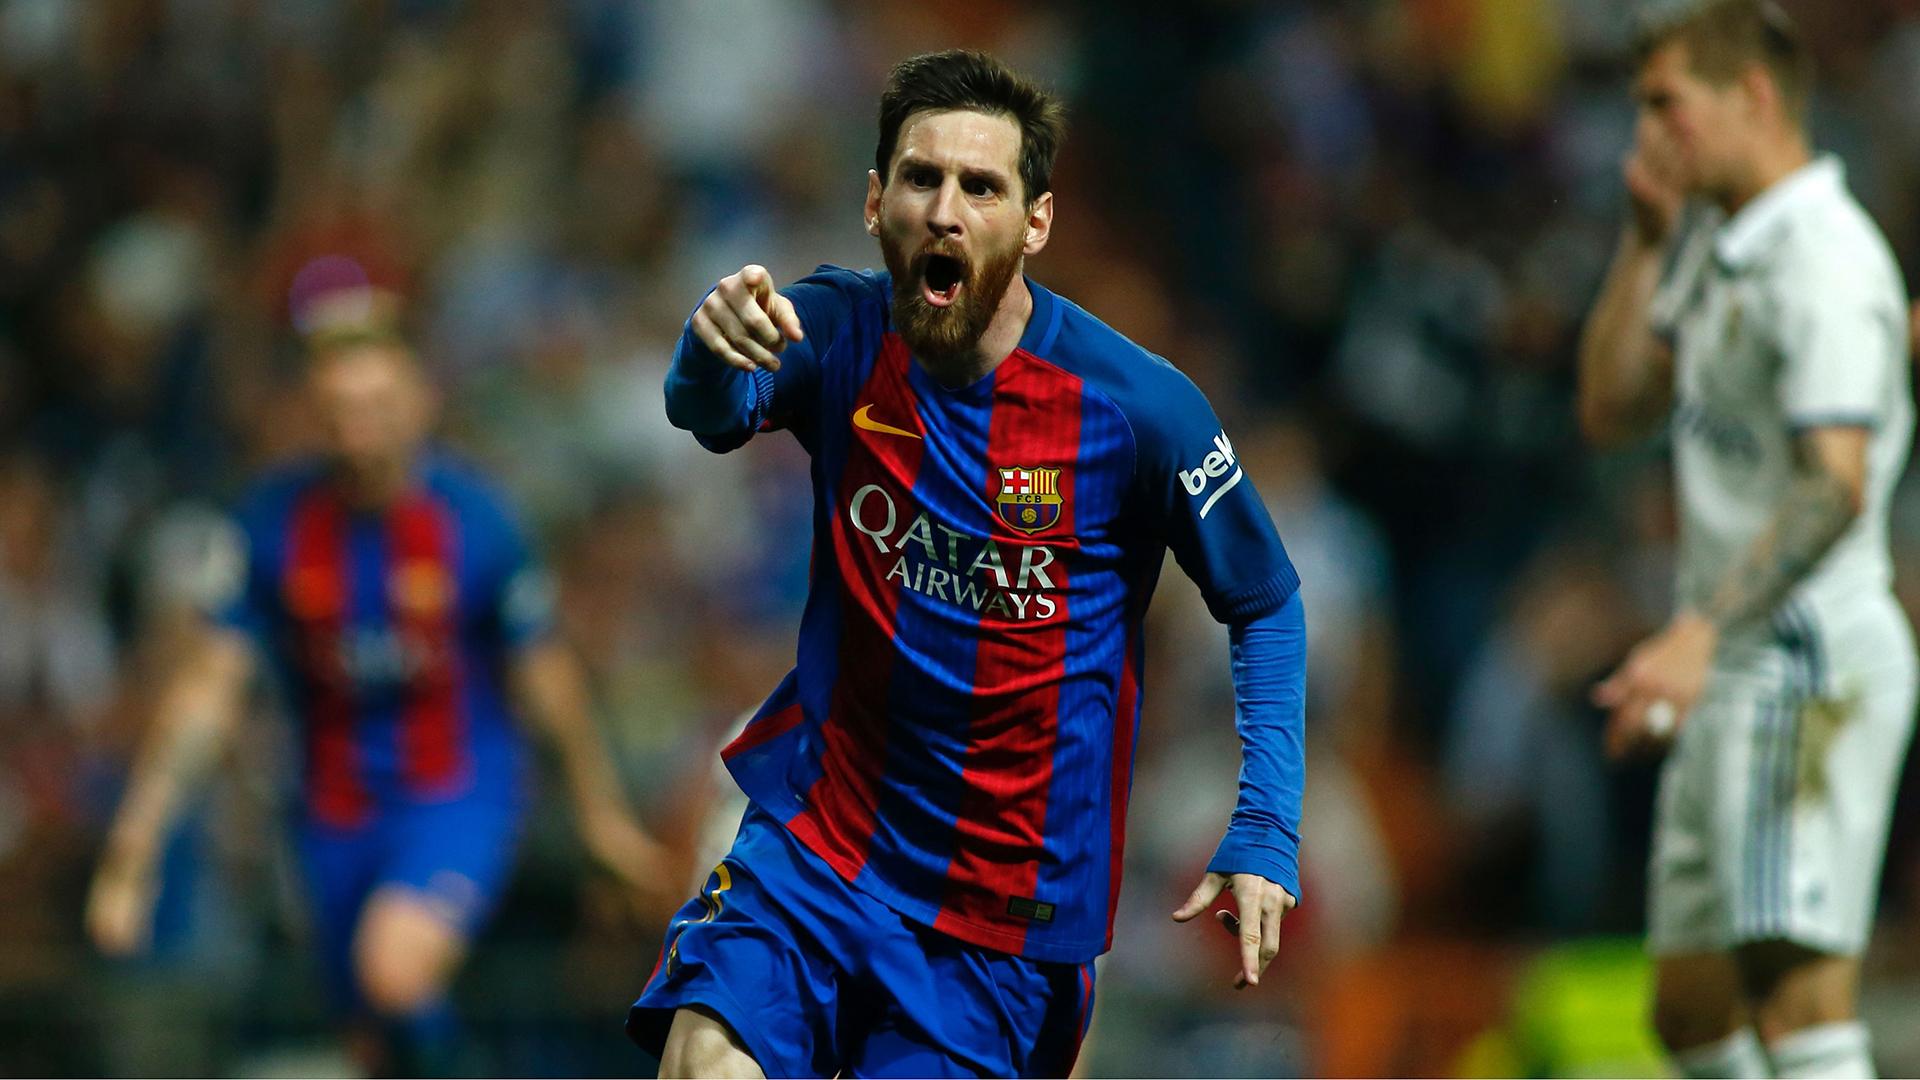 Top 10 cầu thủ giá trị nhất thế giới: Neymar vượt Messi; Ronaldo mất giá - Bóng Đá